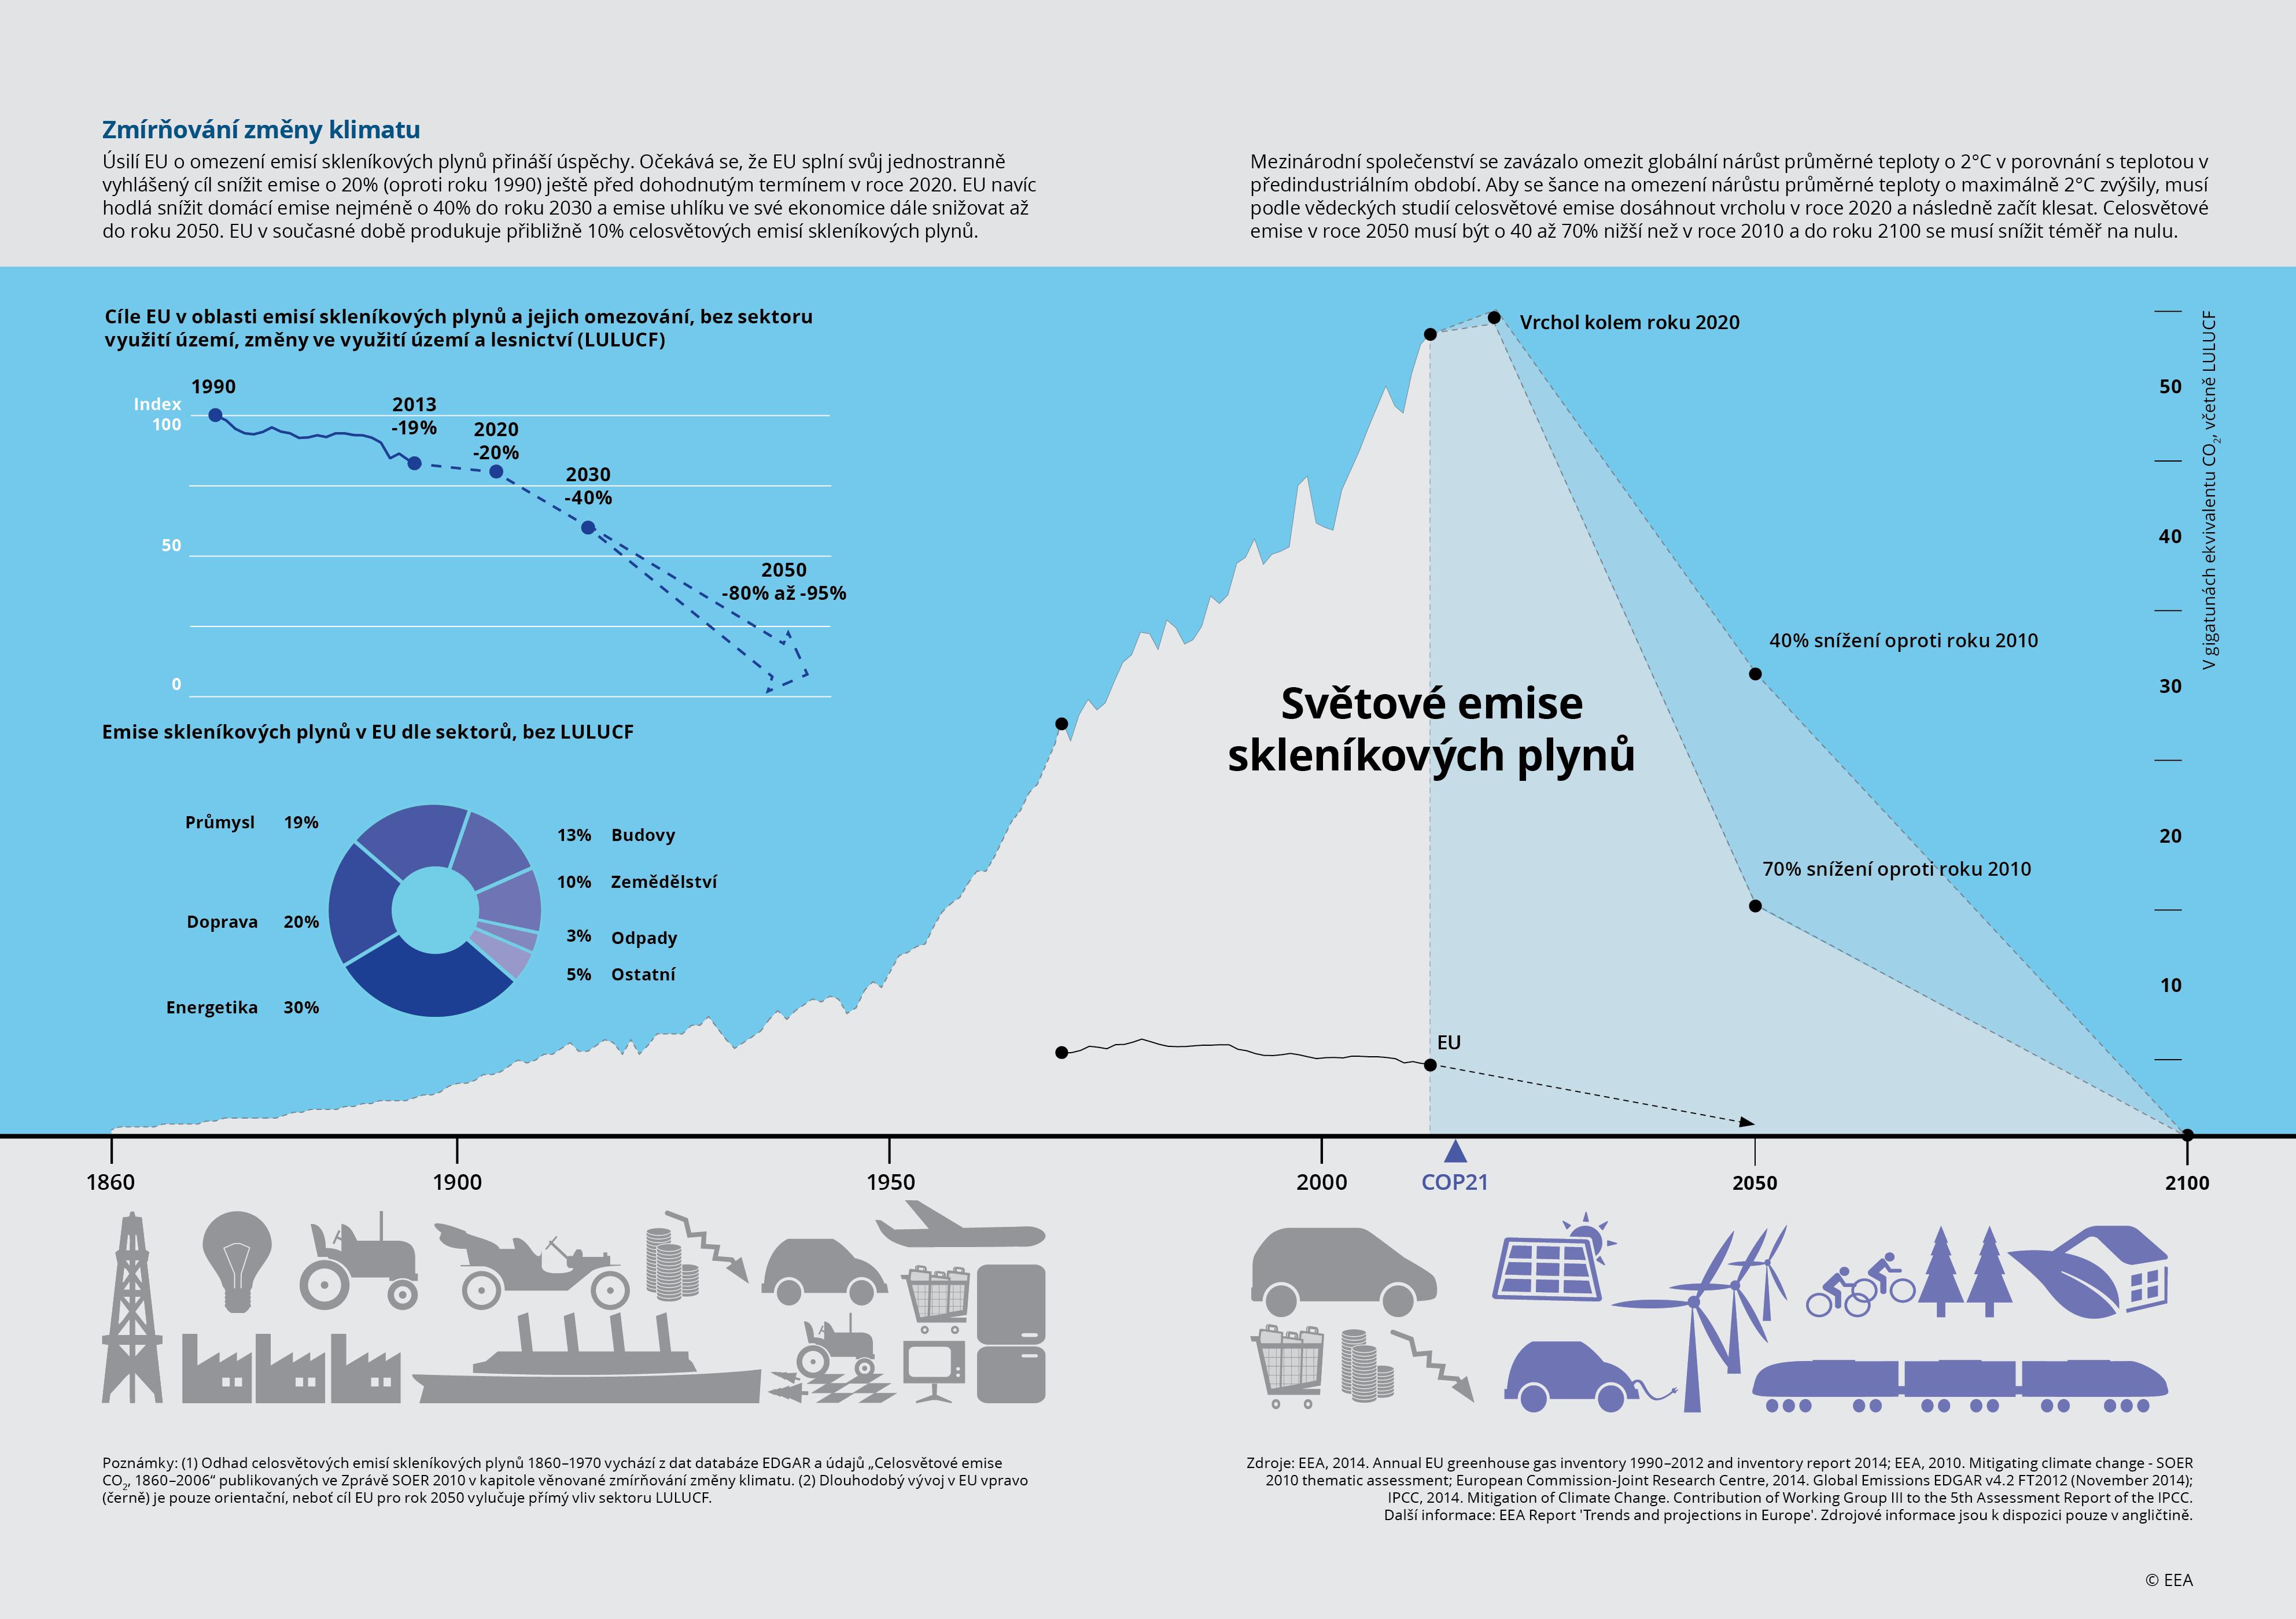 Zmírňování změny klimatu